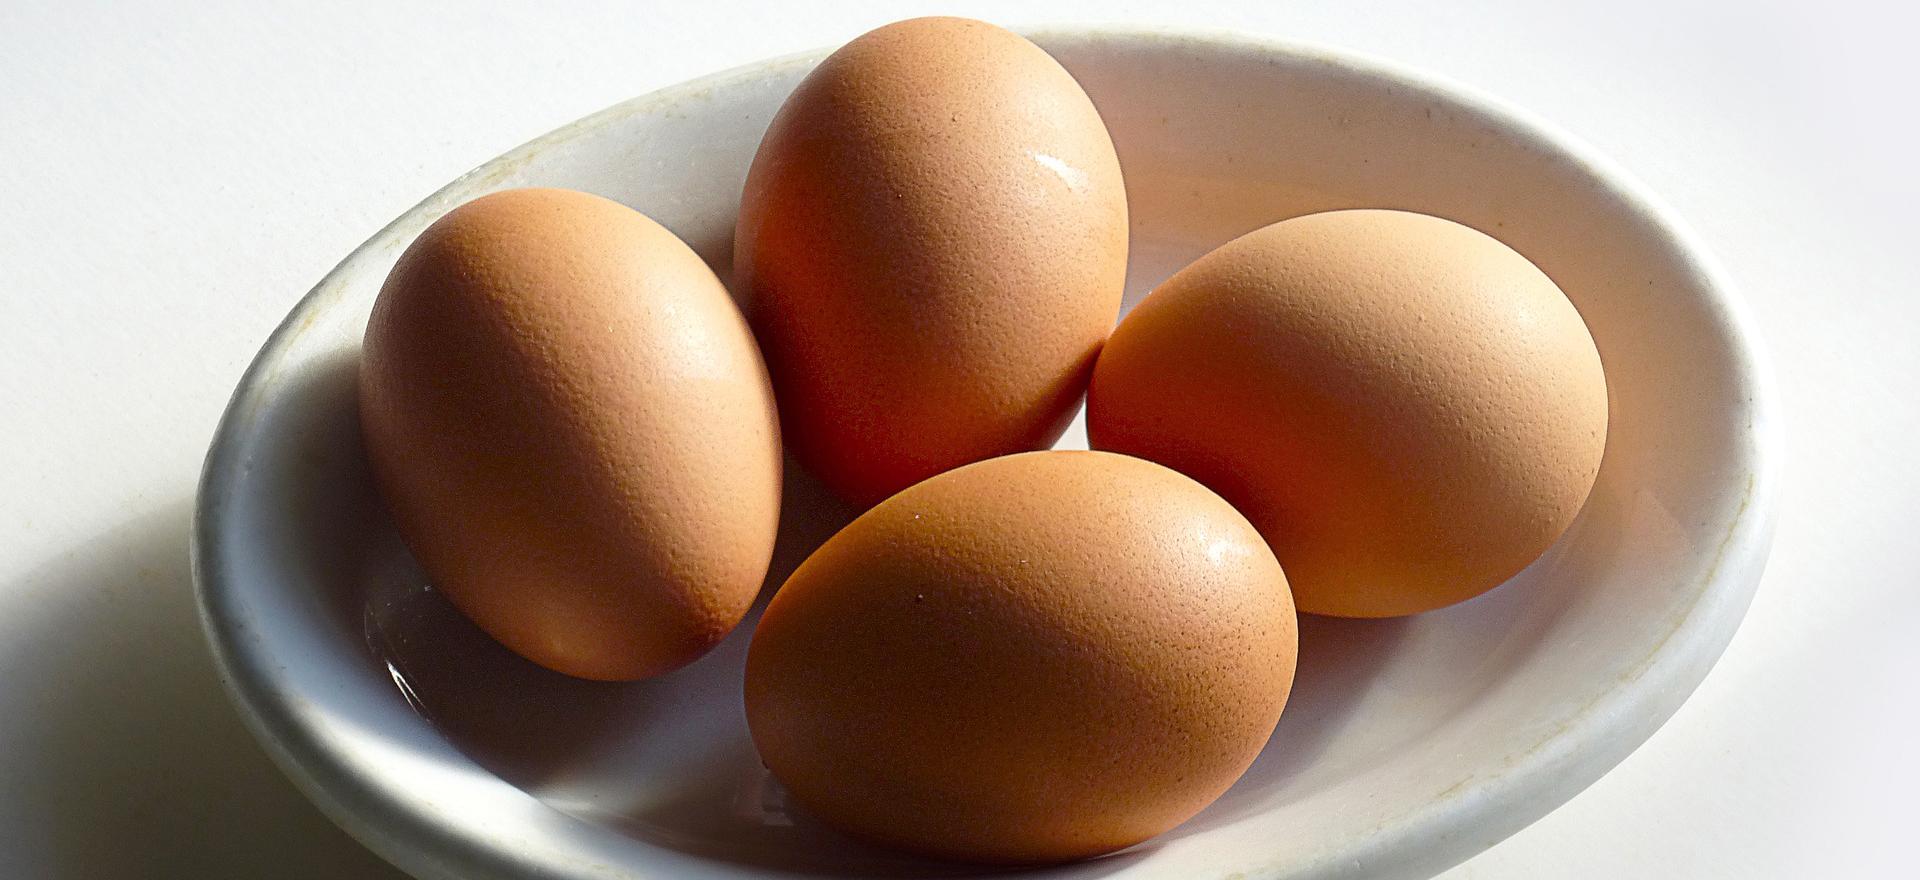 Iedere dag een ei. Mag dat?